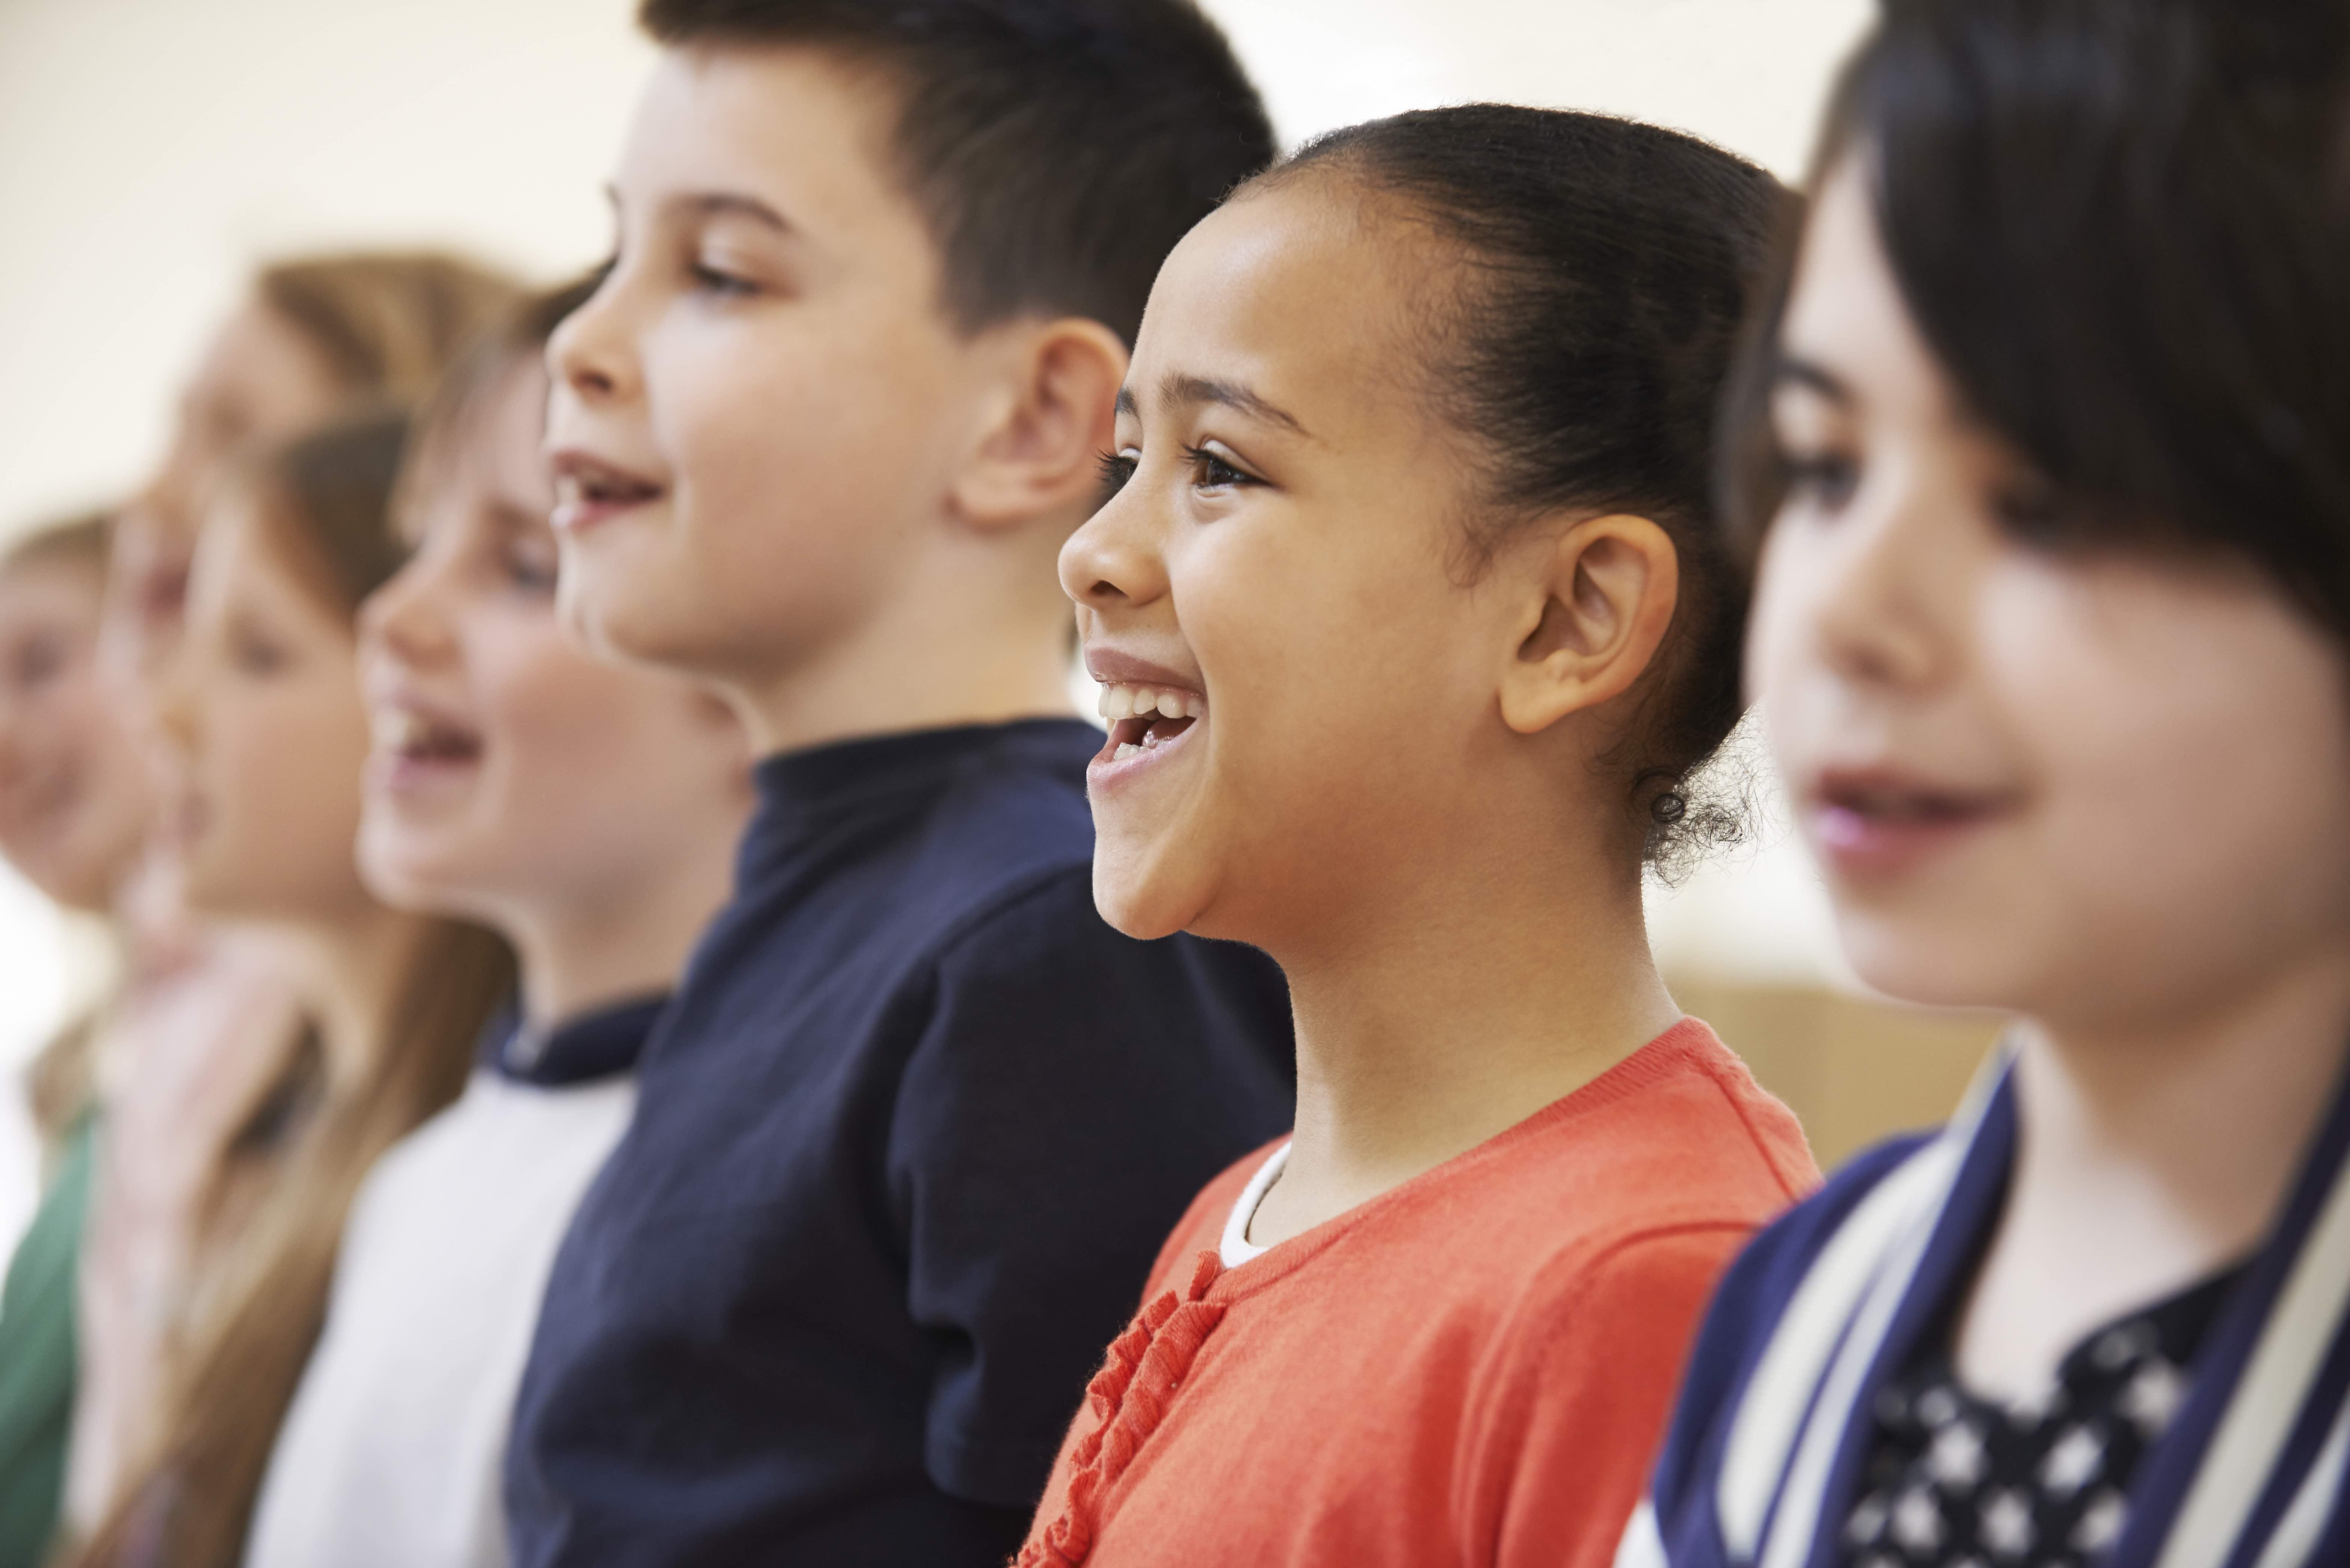 Engaging Kids in Worship